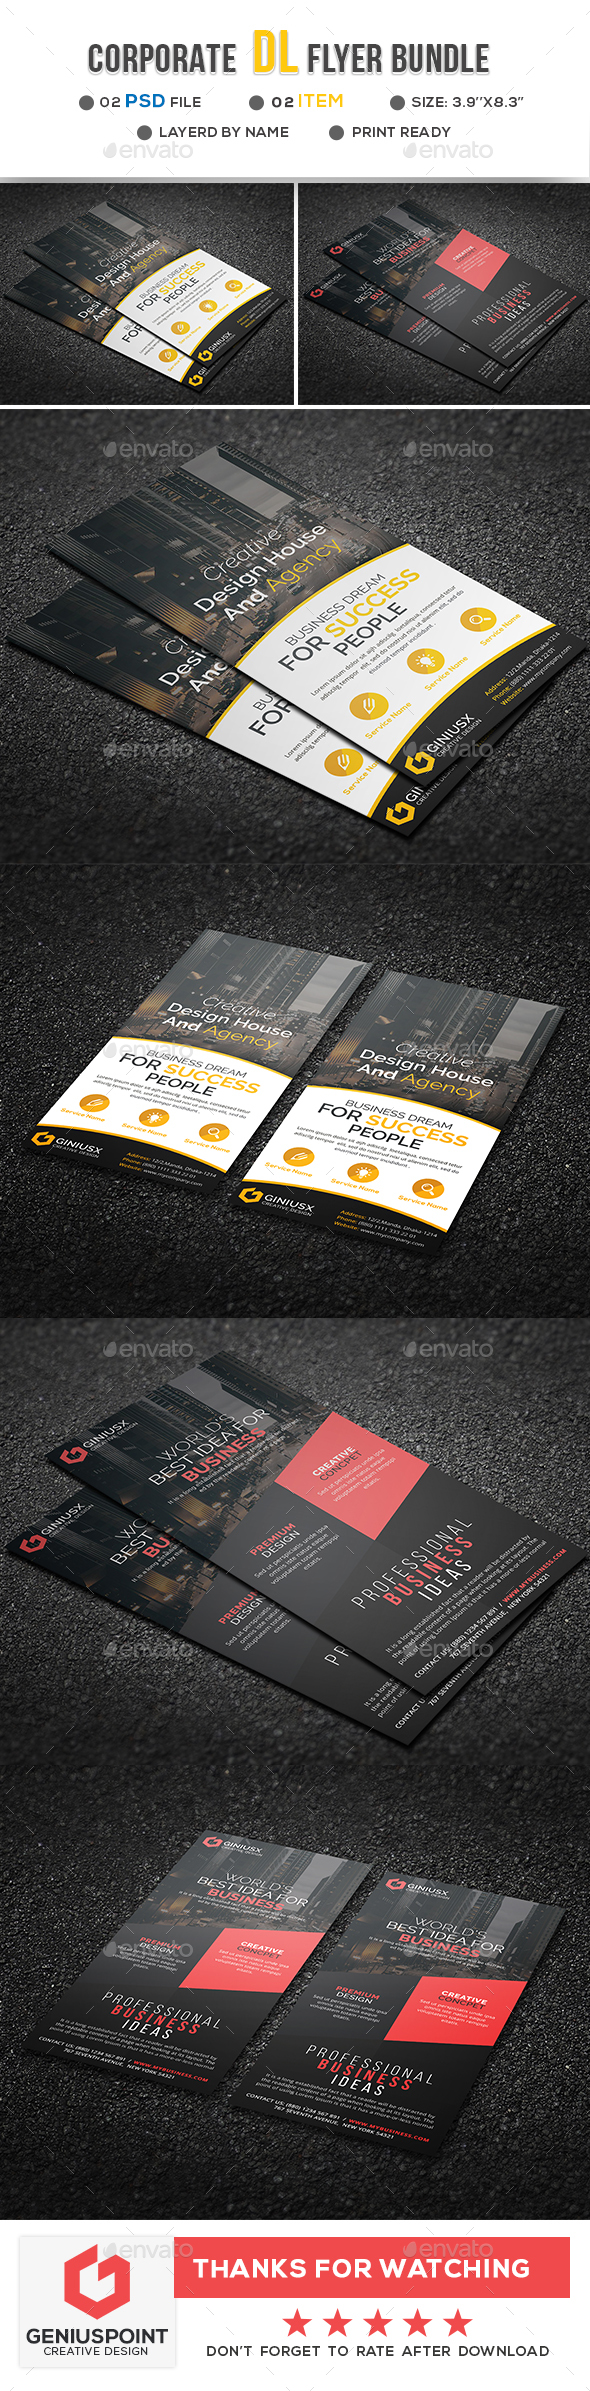 Corporate DL Flyer Bundle - Flyers Print Templates